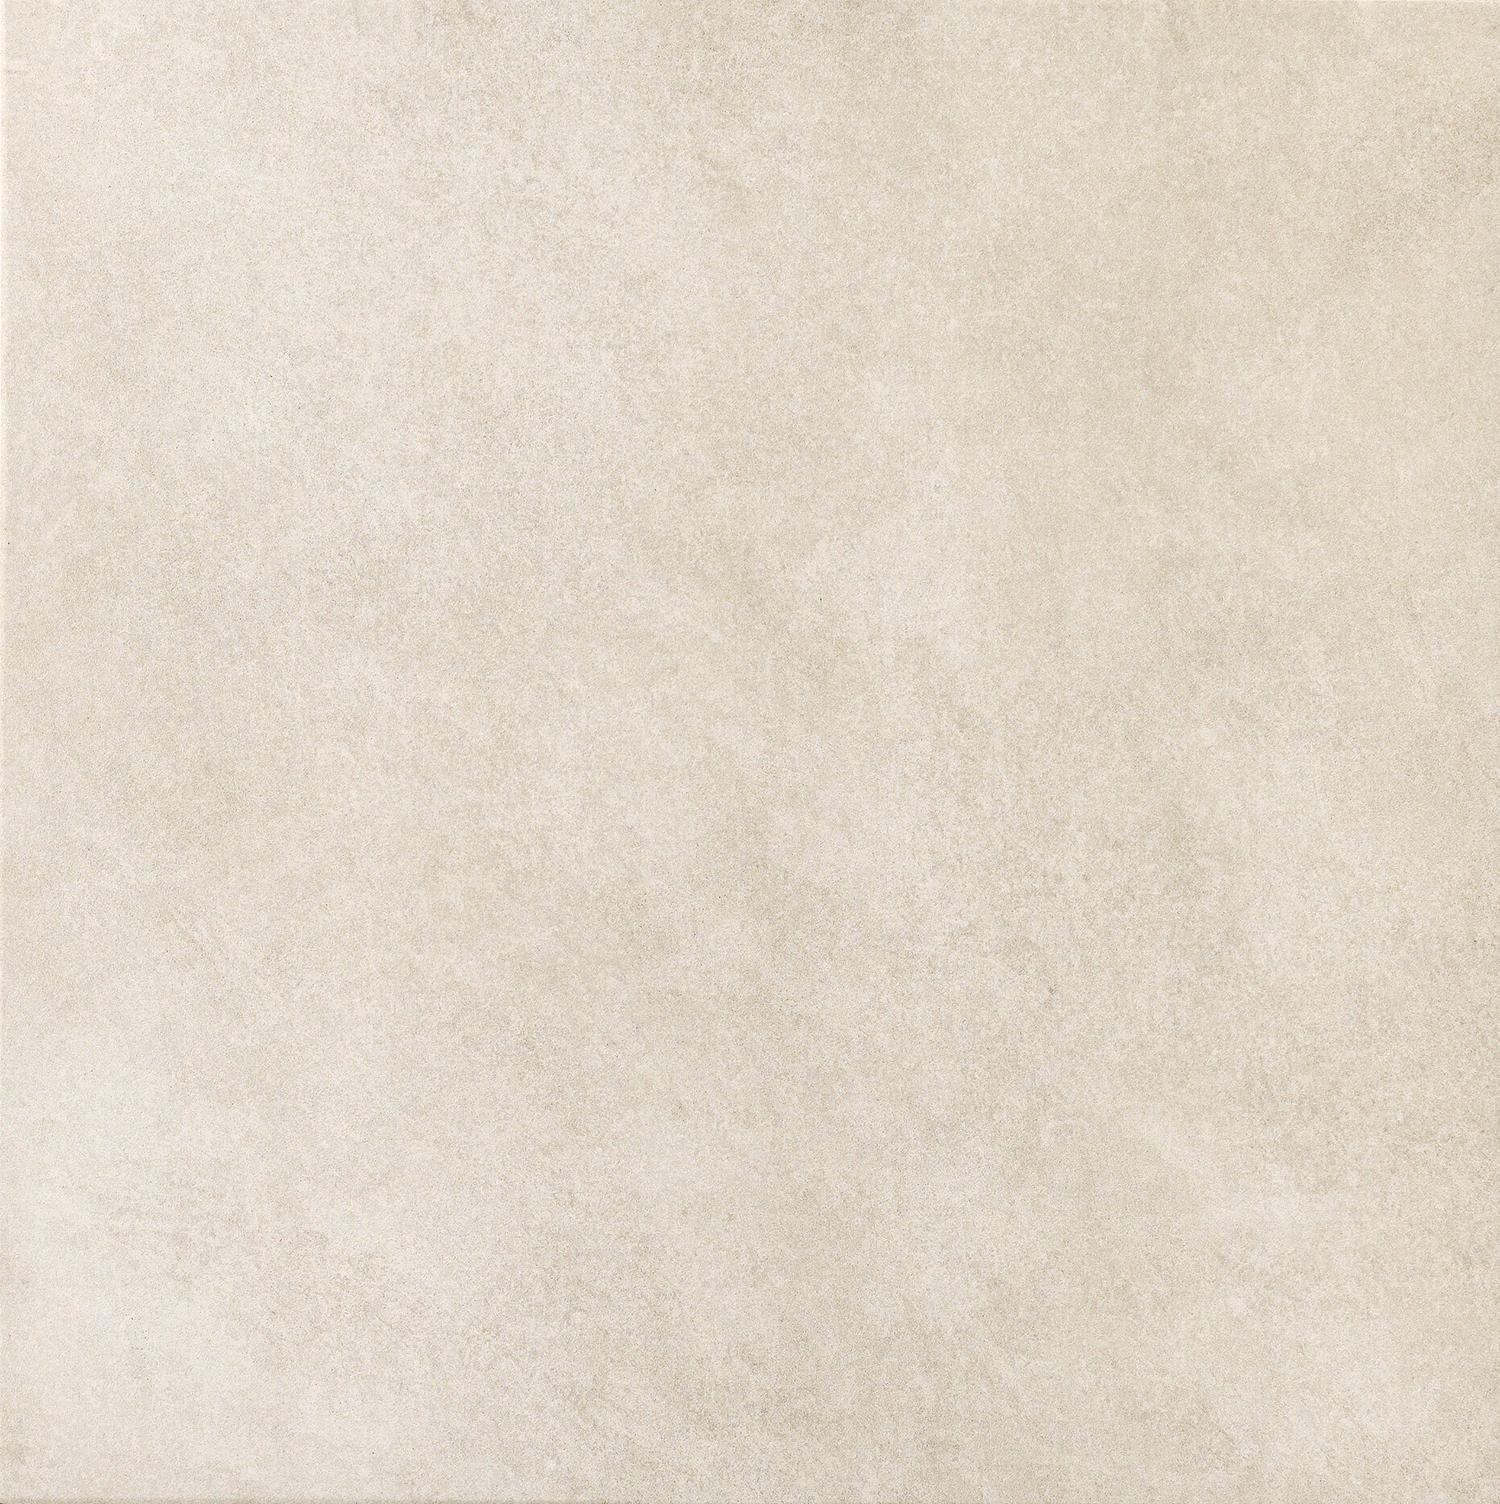 ECLIPSE WHITE_60X60_NATRT